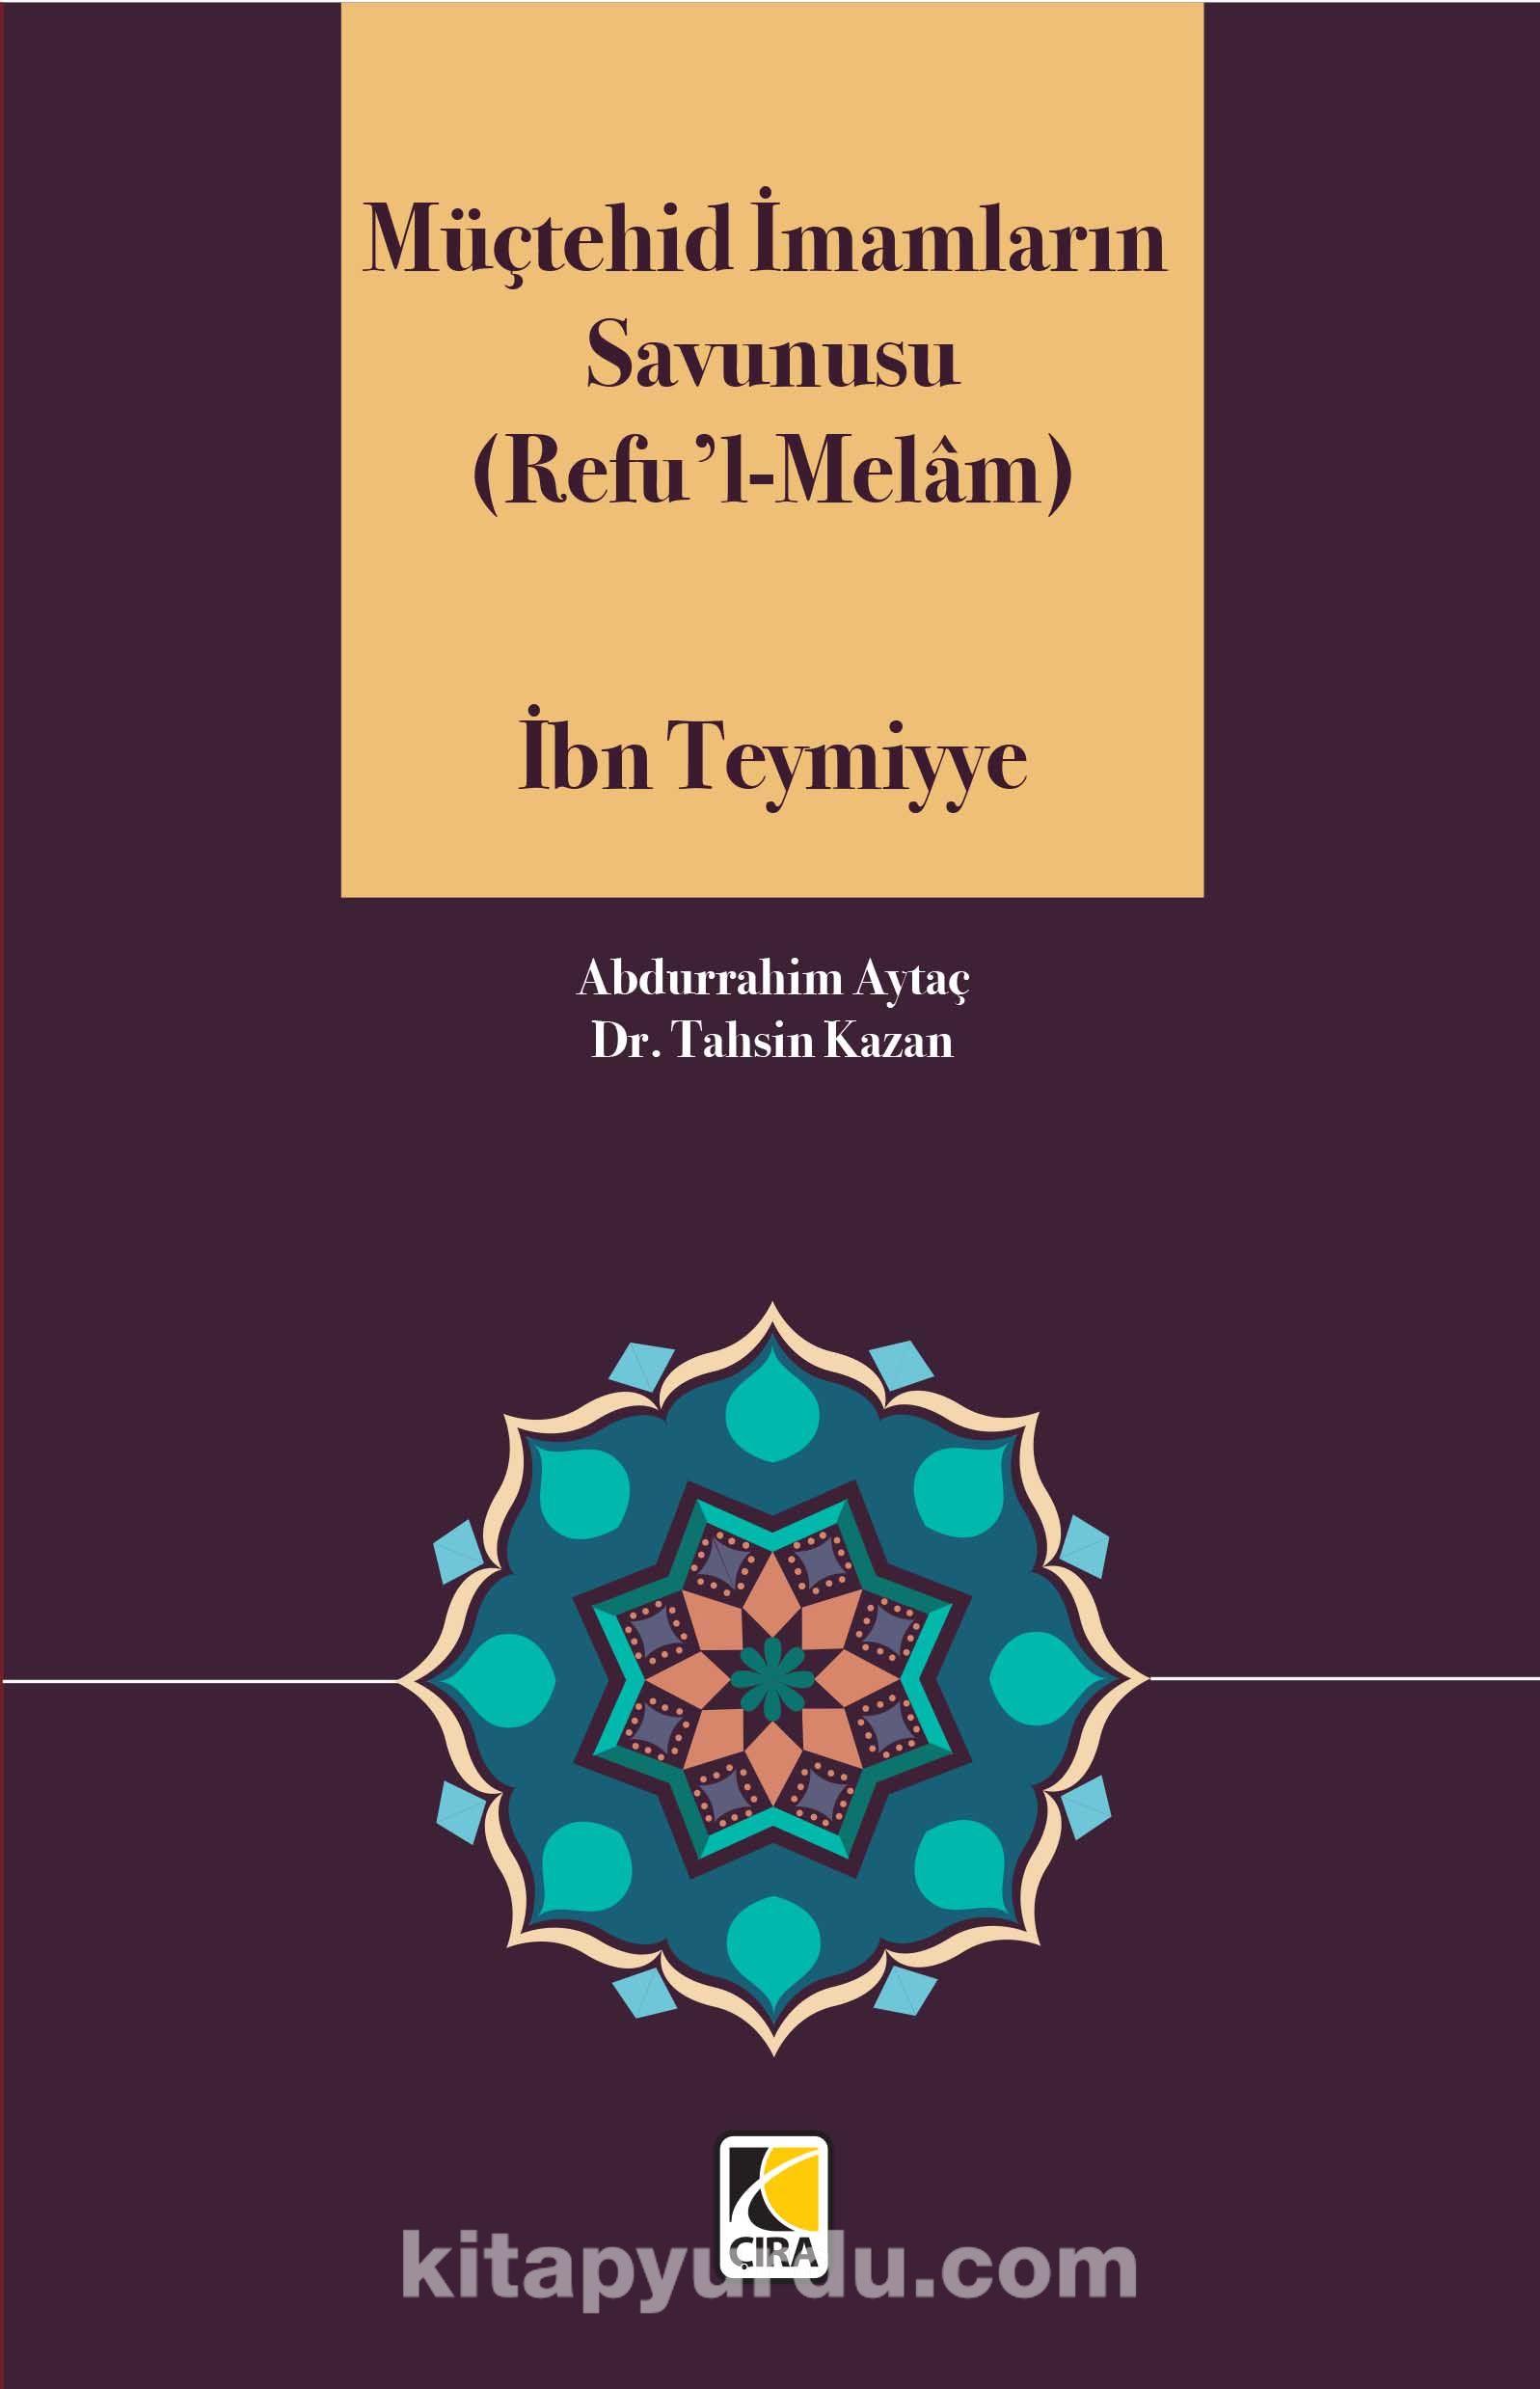 Müçtehid İmamların Savunusu (Refu'l-Melam) - İbn Teymiyye pdf epub